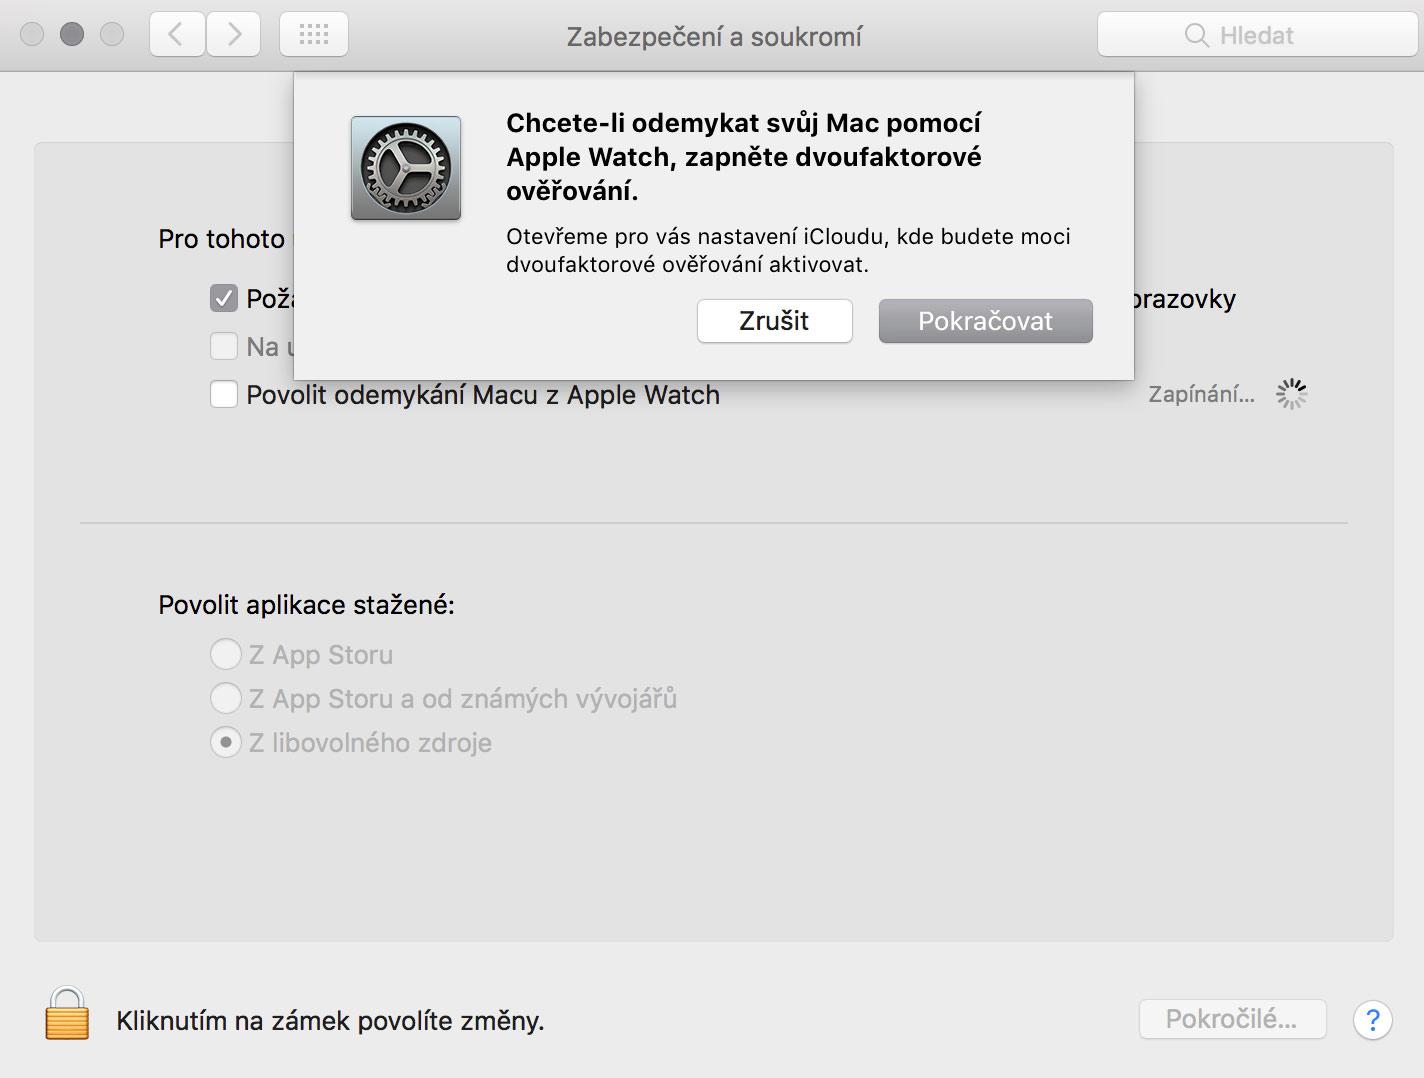 Odemkání Macu pomocí Apple Watch